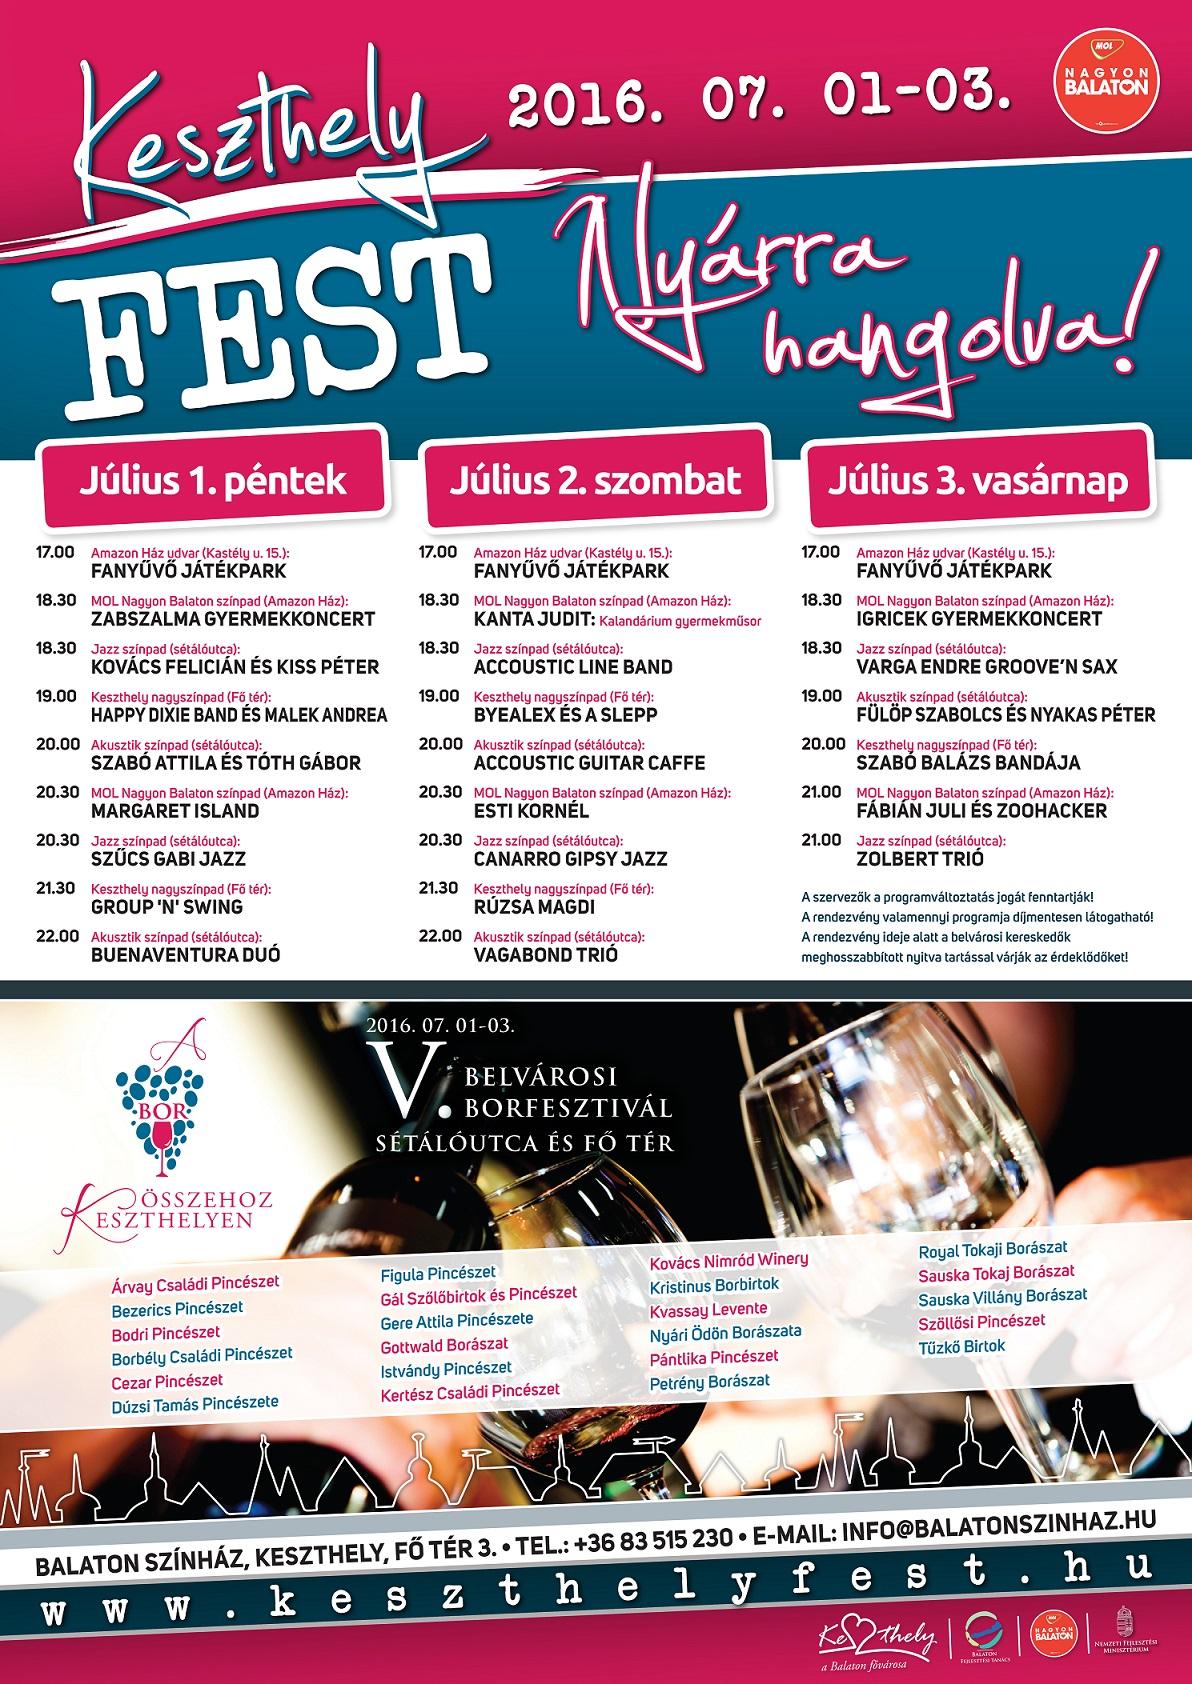 Keszthely Fest 2016